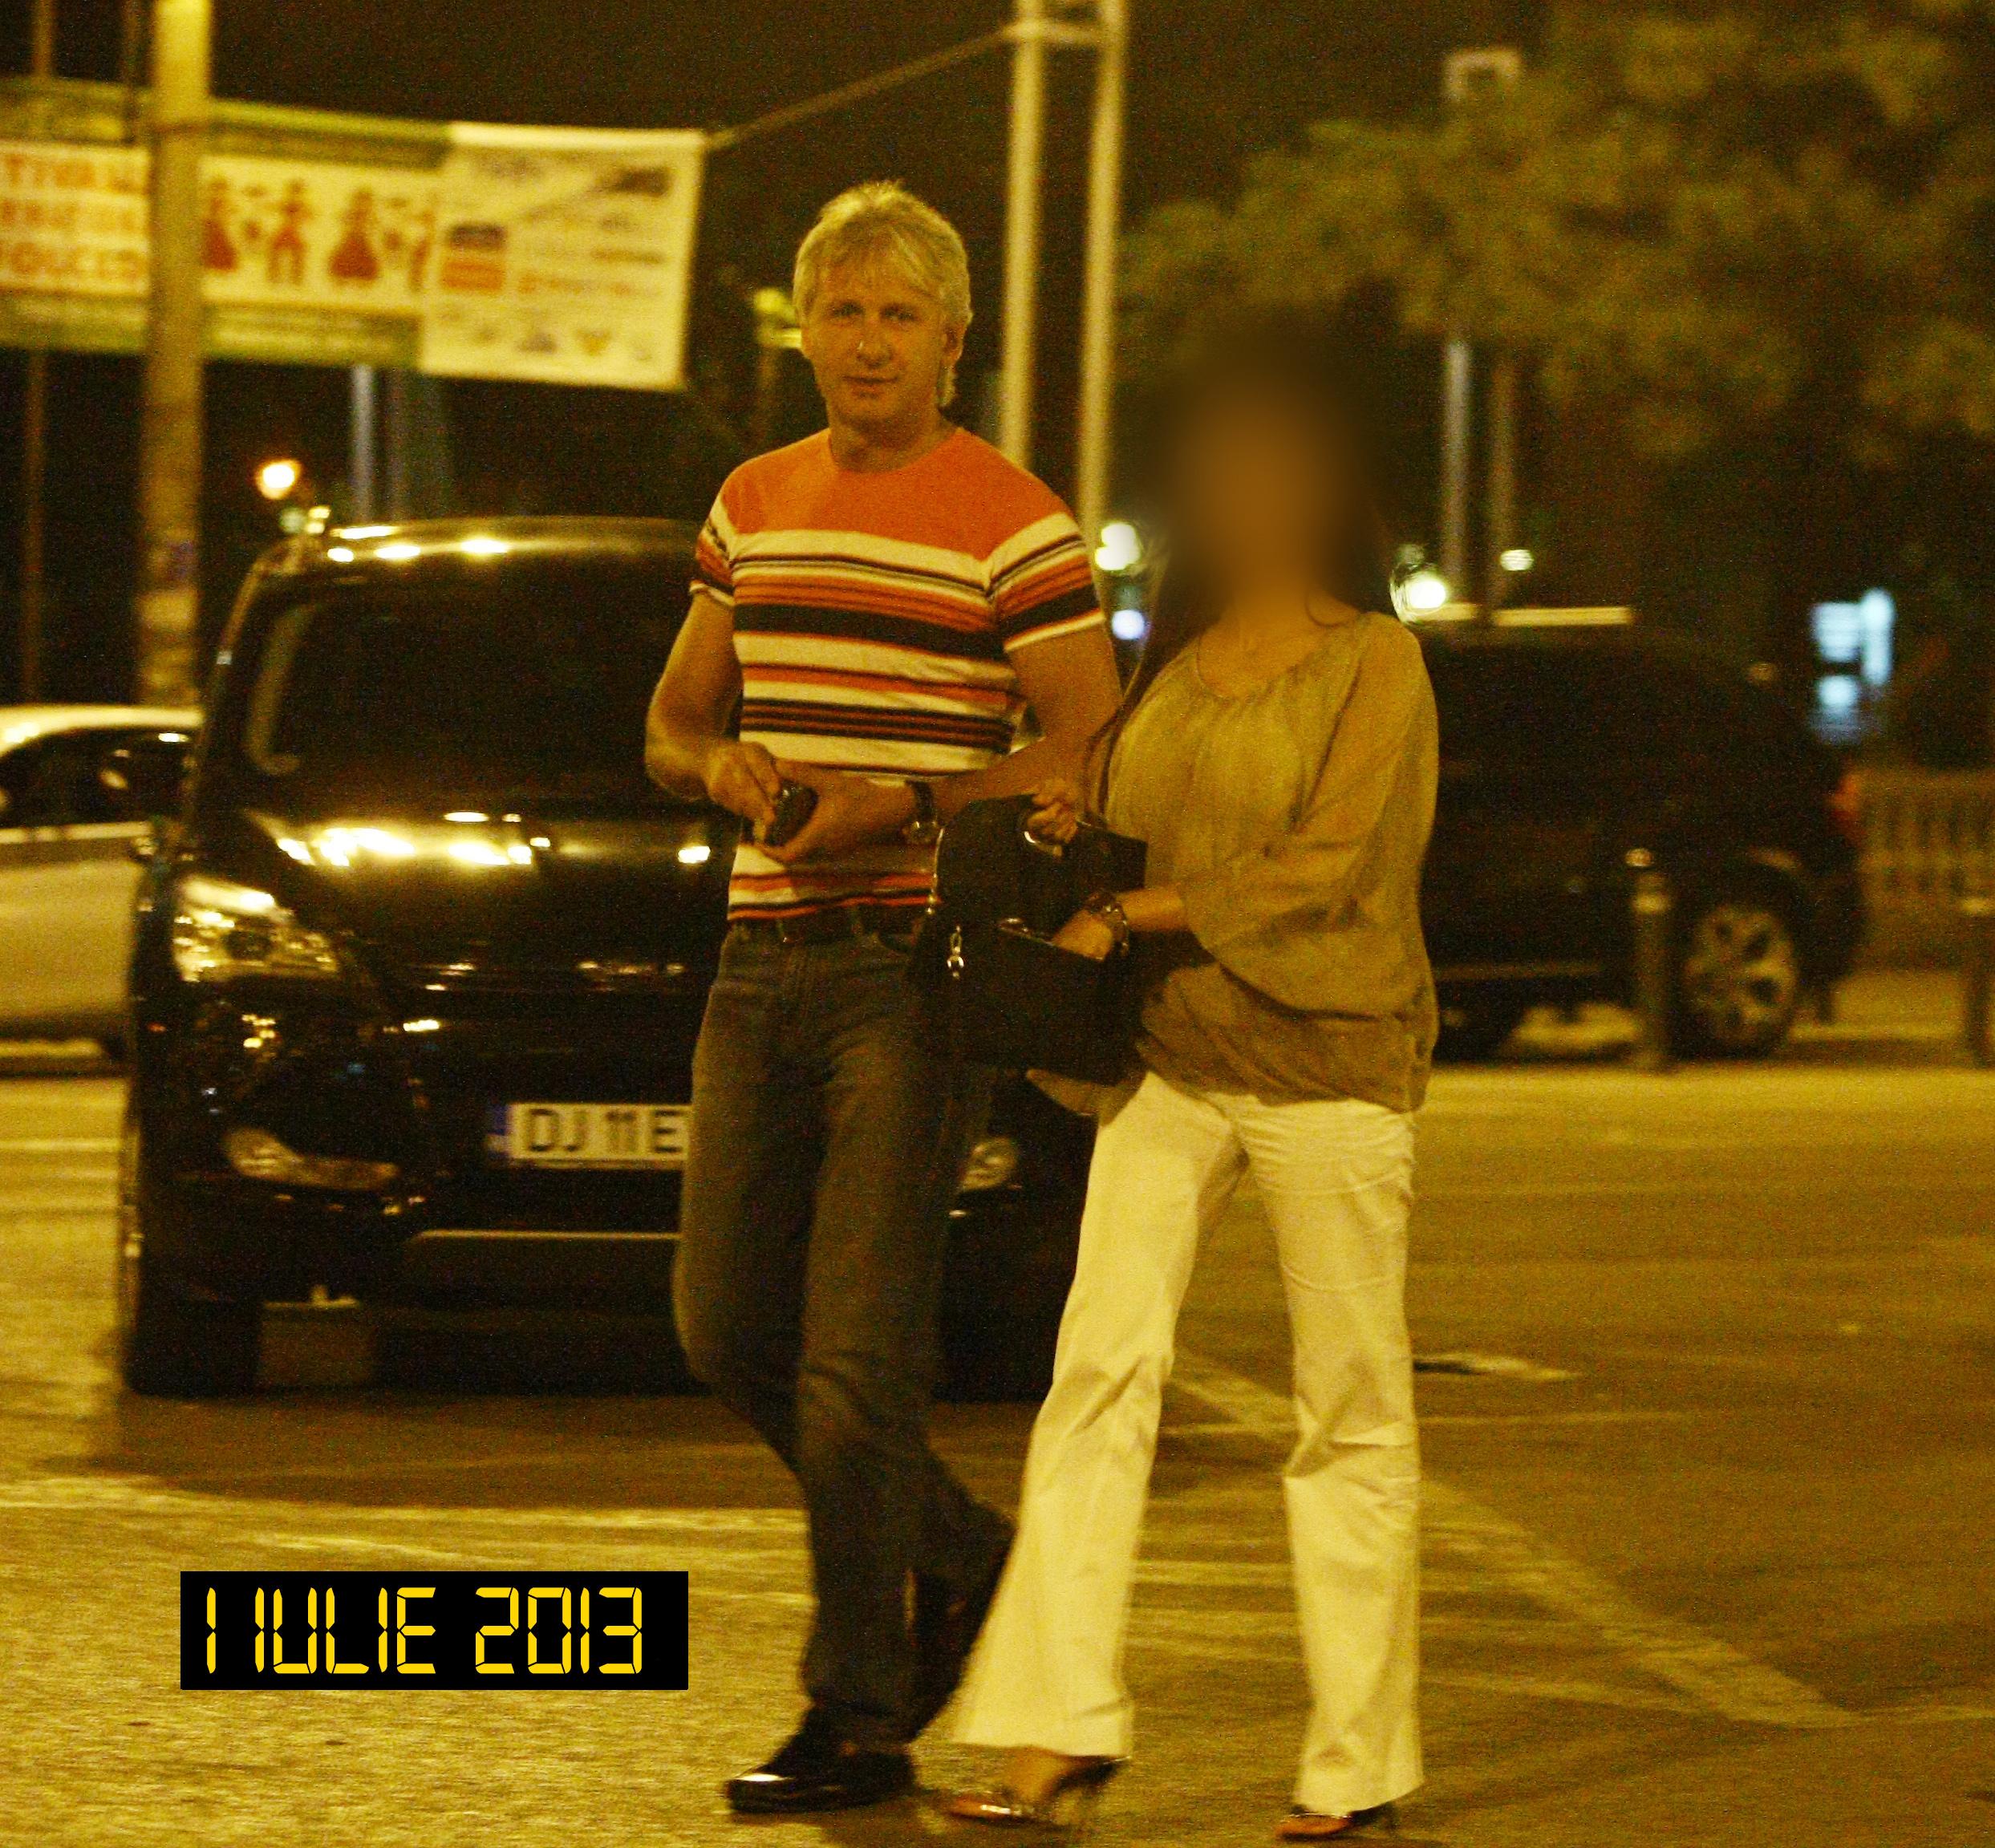 In luna iulie a anului trecut, Eugen Teodorovici a invitat in oras o tanara, iar la finalul serii s-a harjonit cu ea in masina aproape doua ore